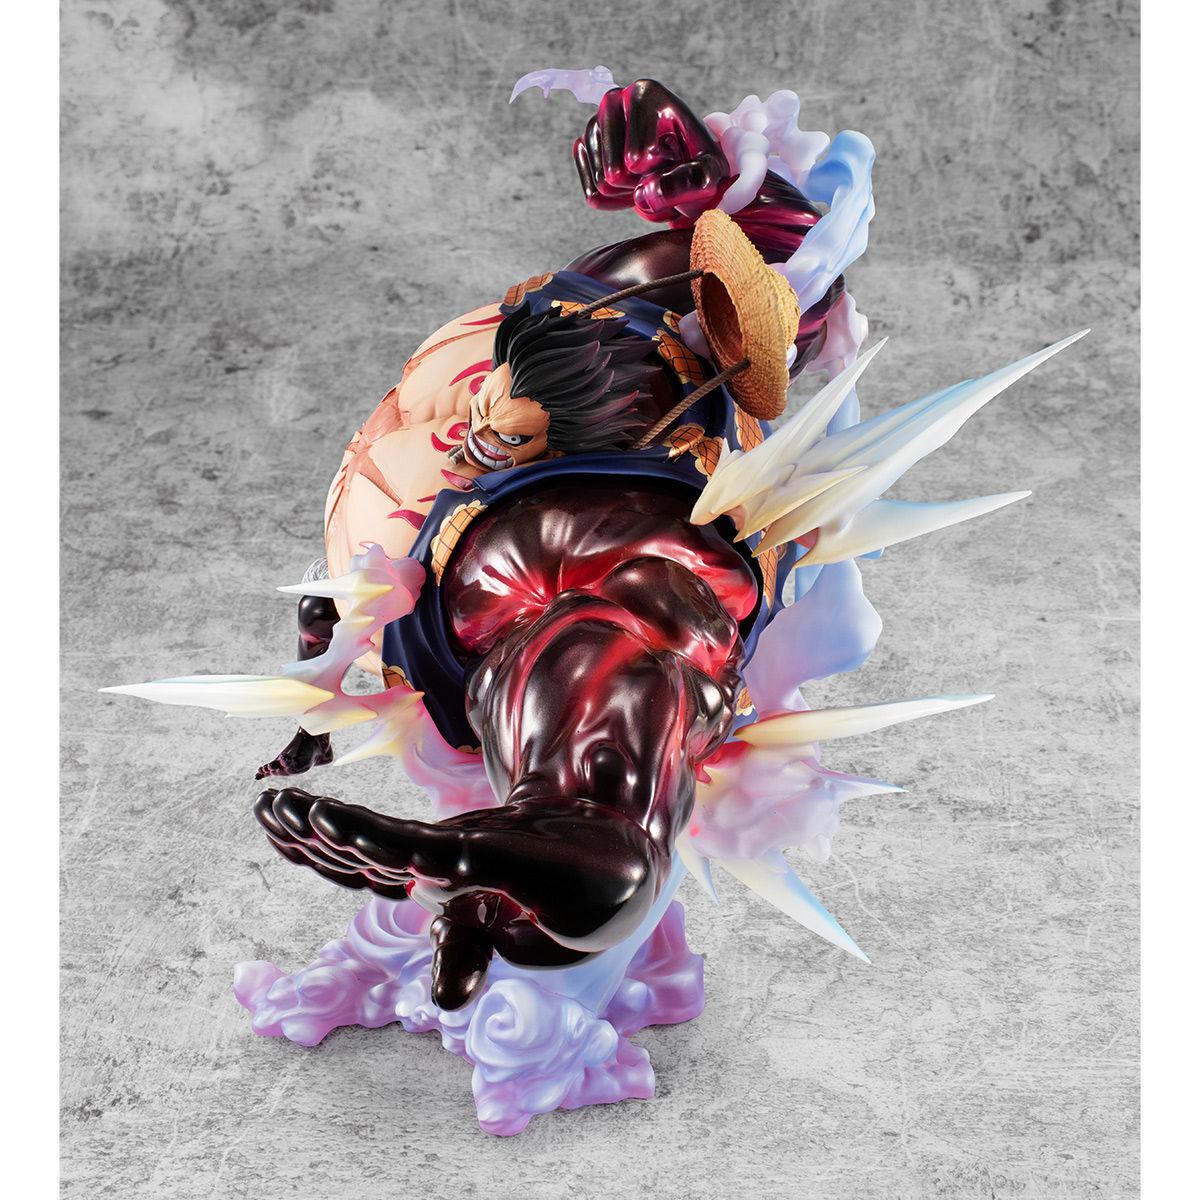 """【限定販売】Portrait.Of.Pirates ワンピース """"SA-MAXIMUM""""『モンキー・D・ルフィ ギア""""4""""「弾む男」Ver.2』完成品フィギュア-006"""